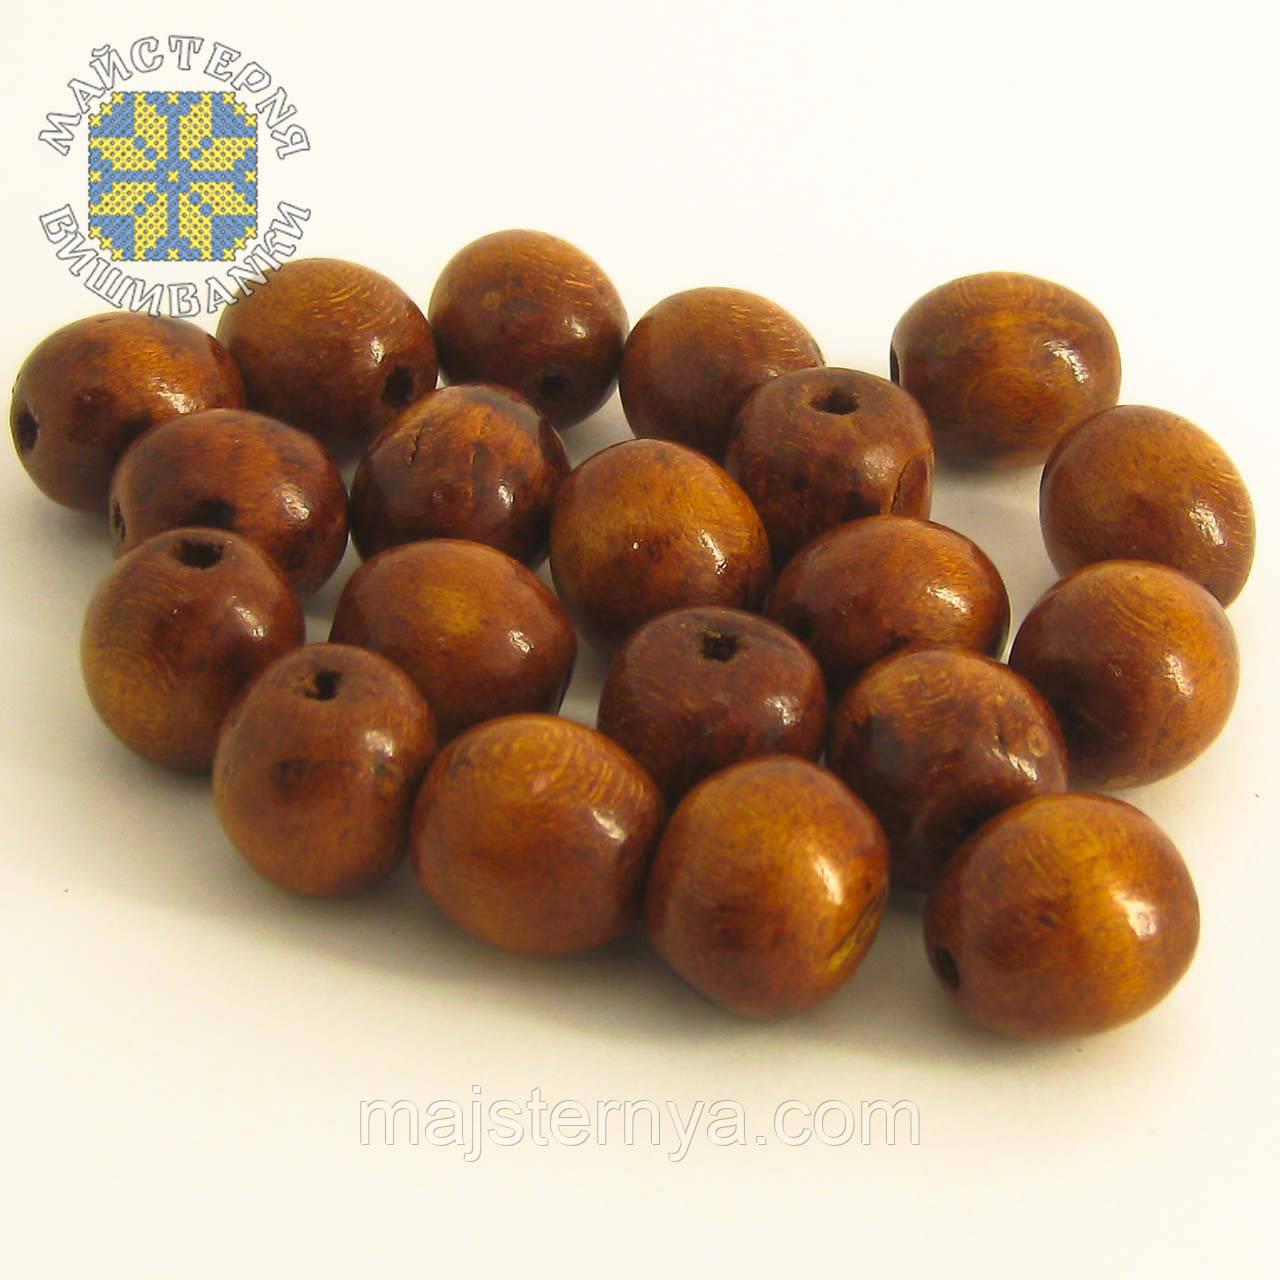 Дерев'яні бусини 1,3см світло-коричневого кольору